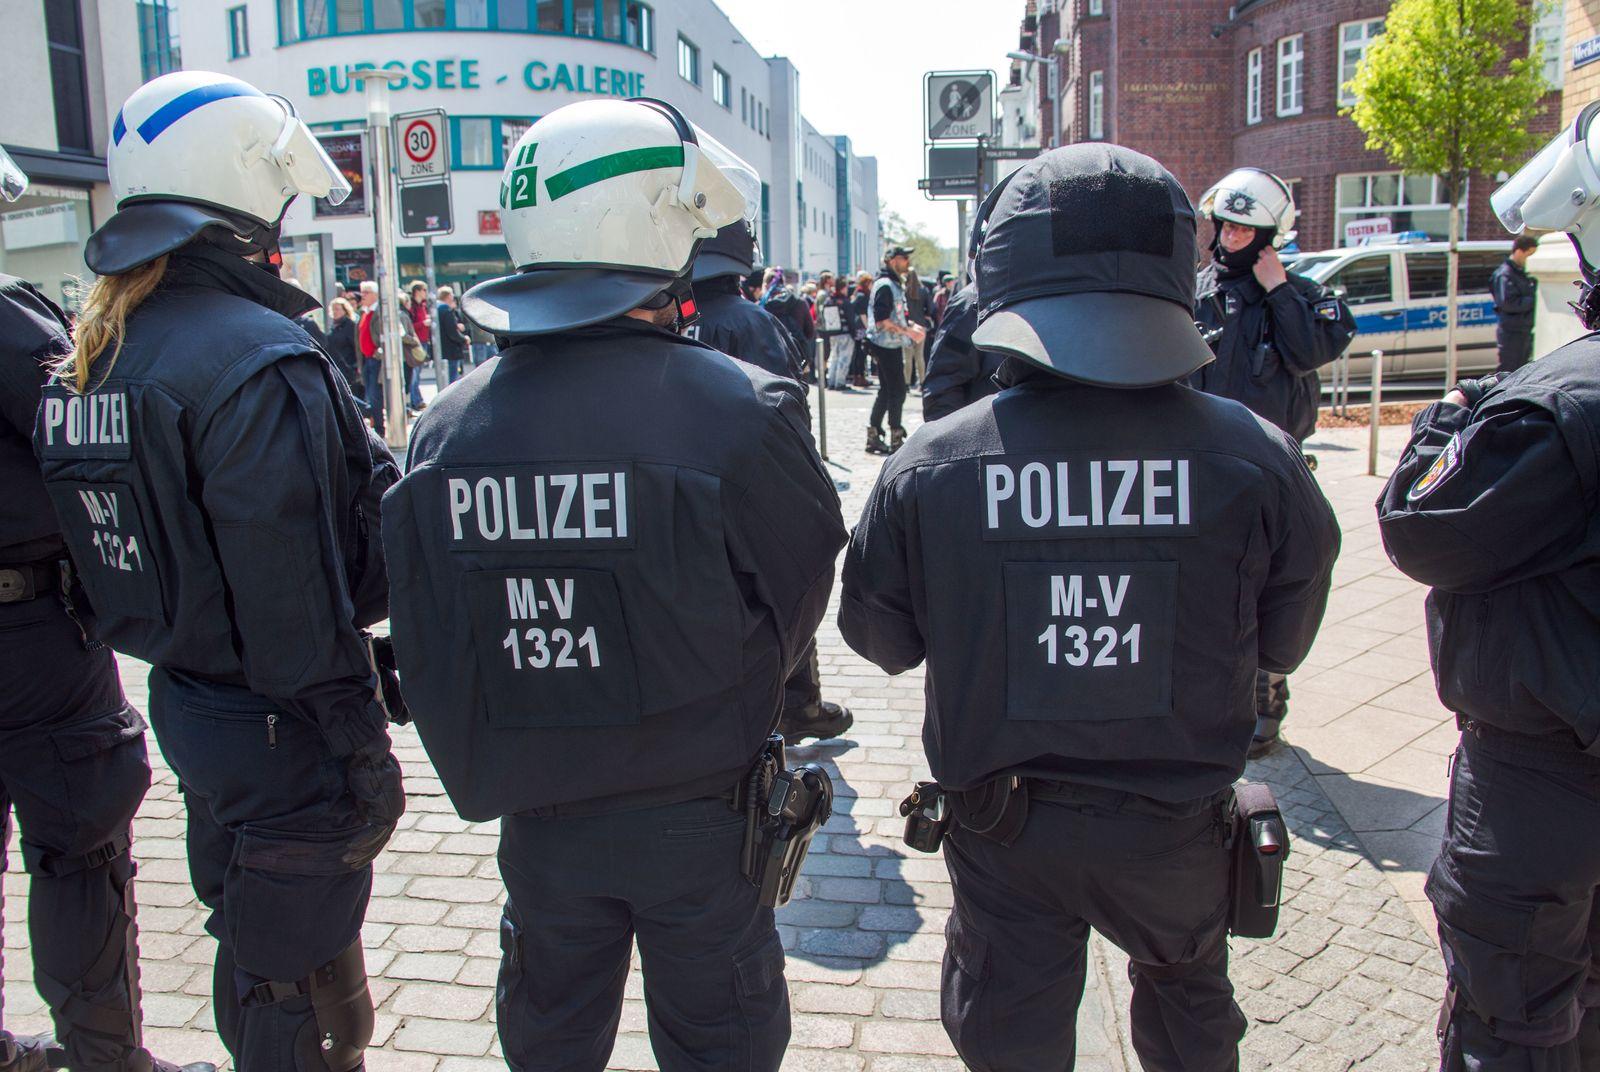 Polizei/ Schwerin